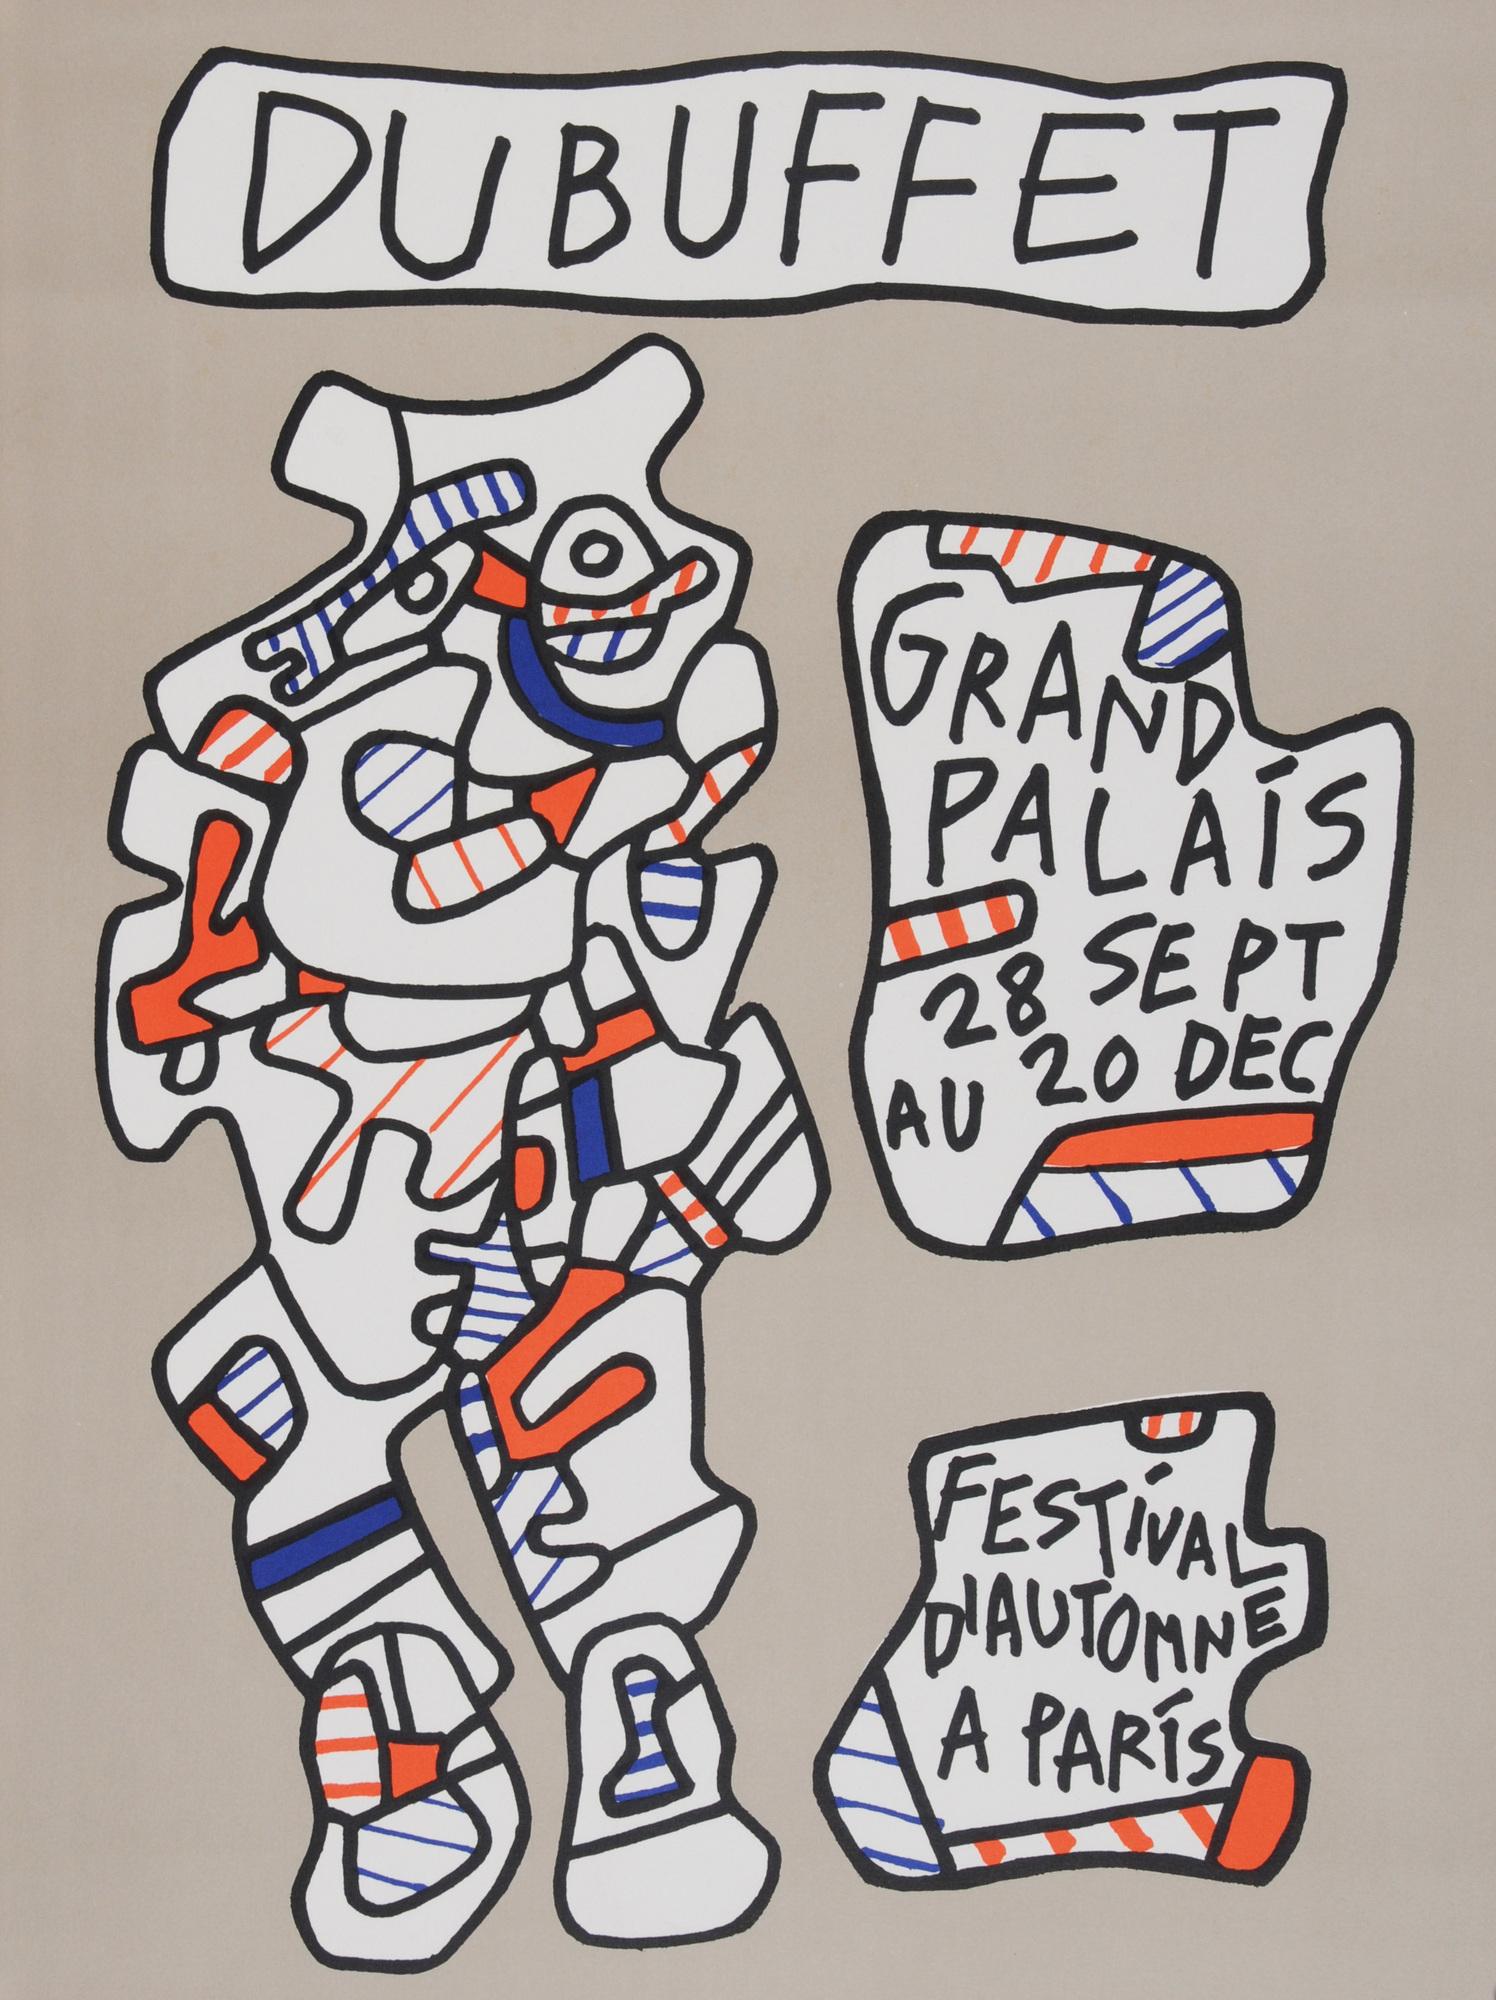 Dubuffet Jean, 3 Plakate:  Festival d'automne à Paris, 28 Sept au 20 Dec (2);  Coucou Bazar, 2 au 29 Novembre